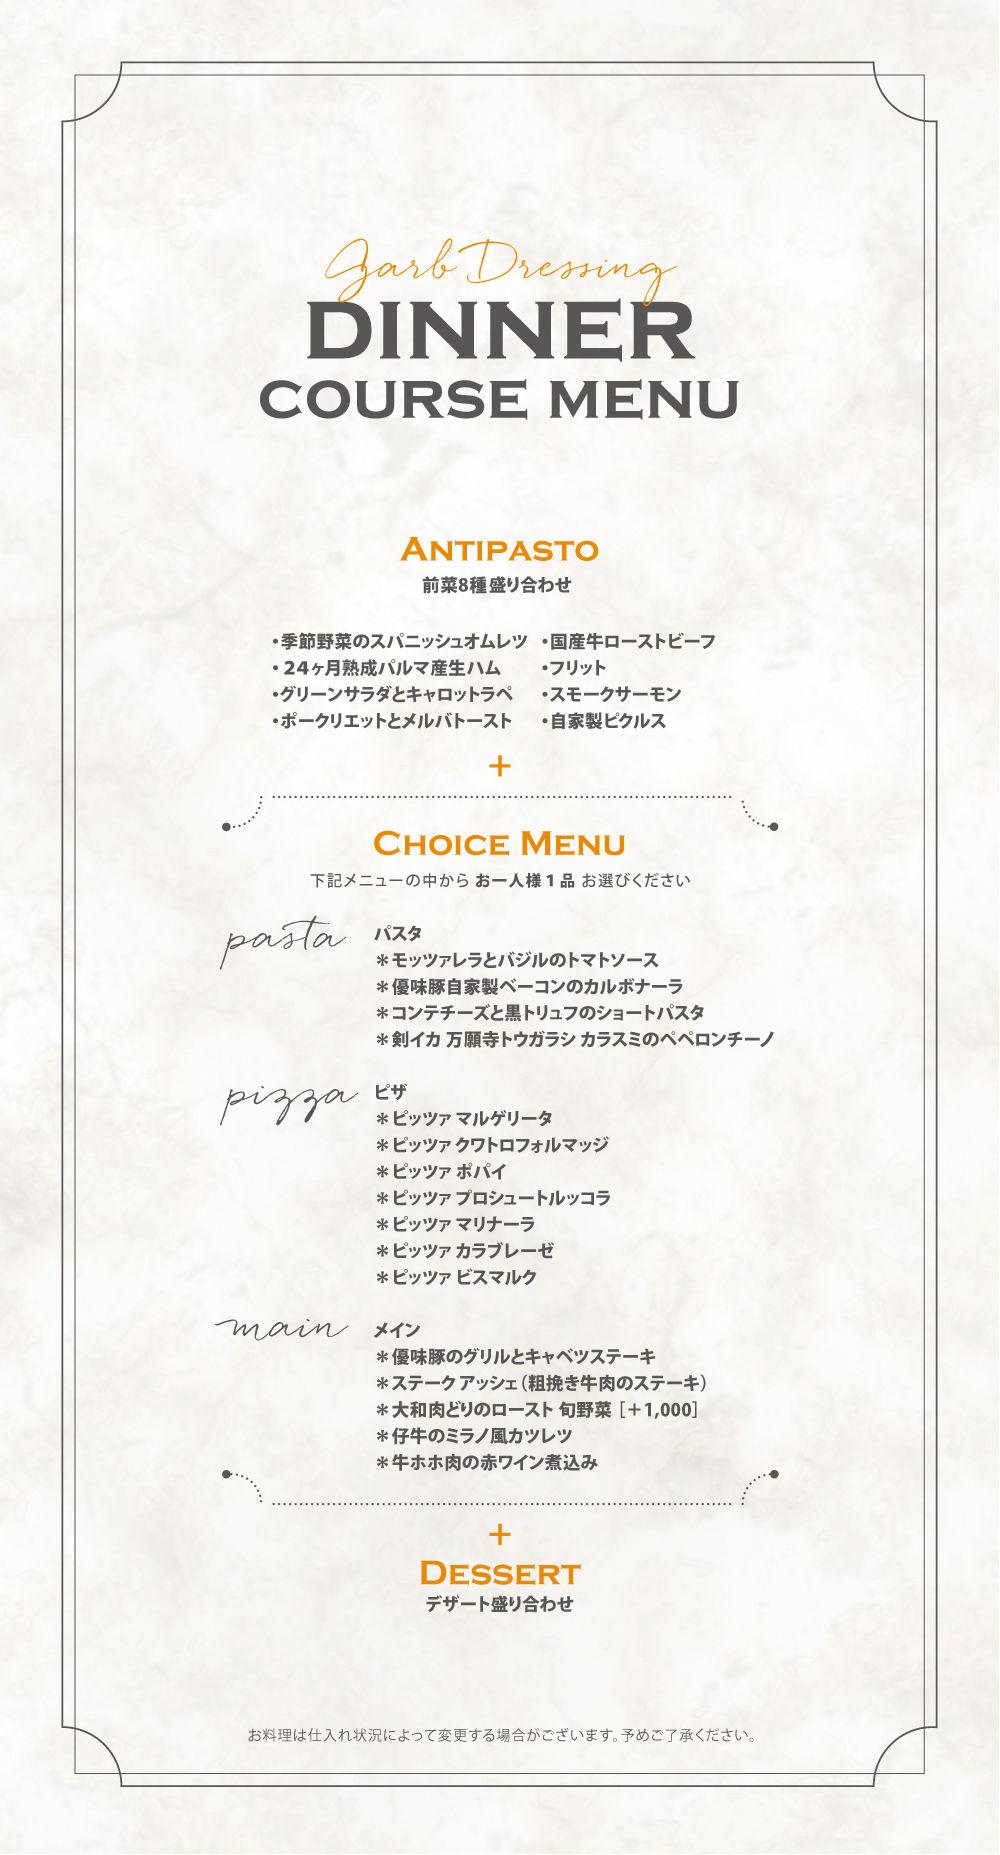 dre_1804_dinner_course.jpg